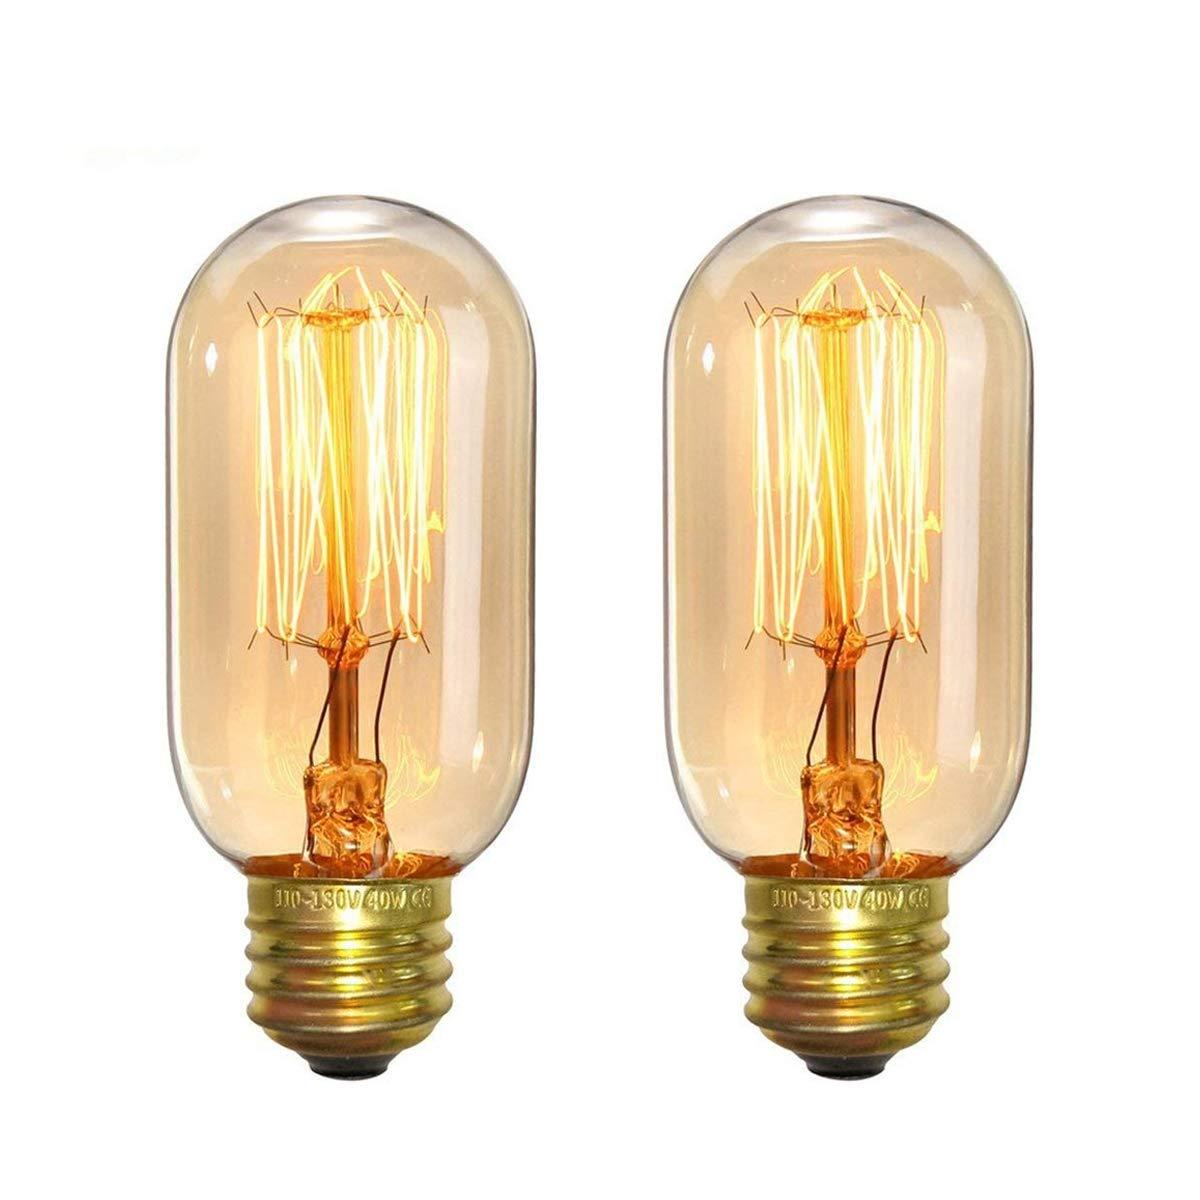 Edison Light Bulbs, Elfeland 40W Vintage Antique Light Bulbs Dimmable T45 E26/E27 Tubular Style Bulb for Home Light Fixtures Decorative(2 Pack)